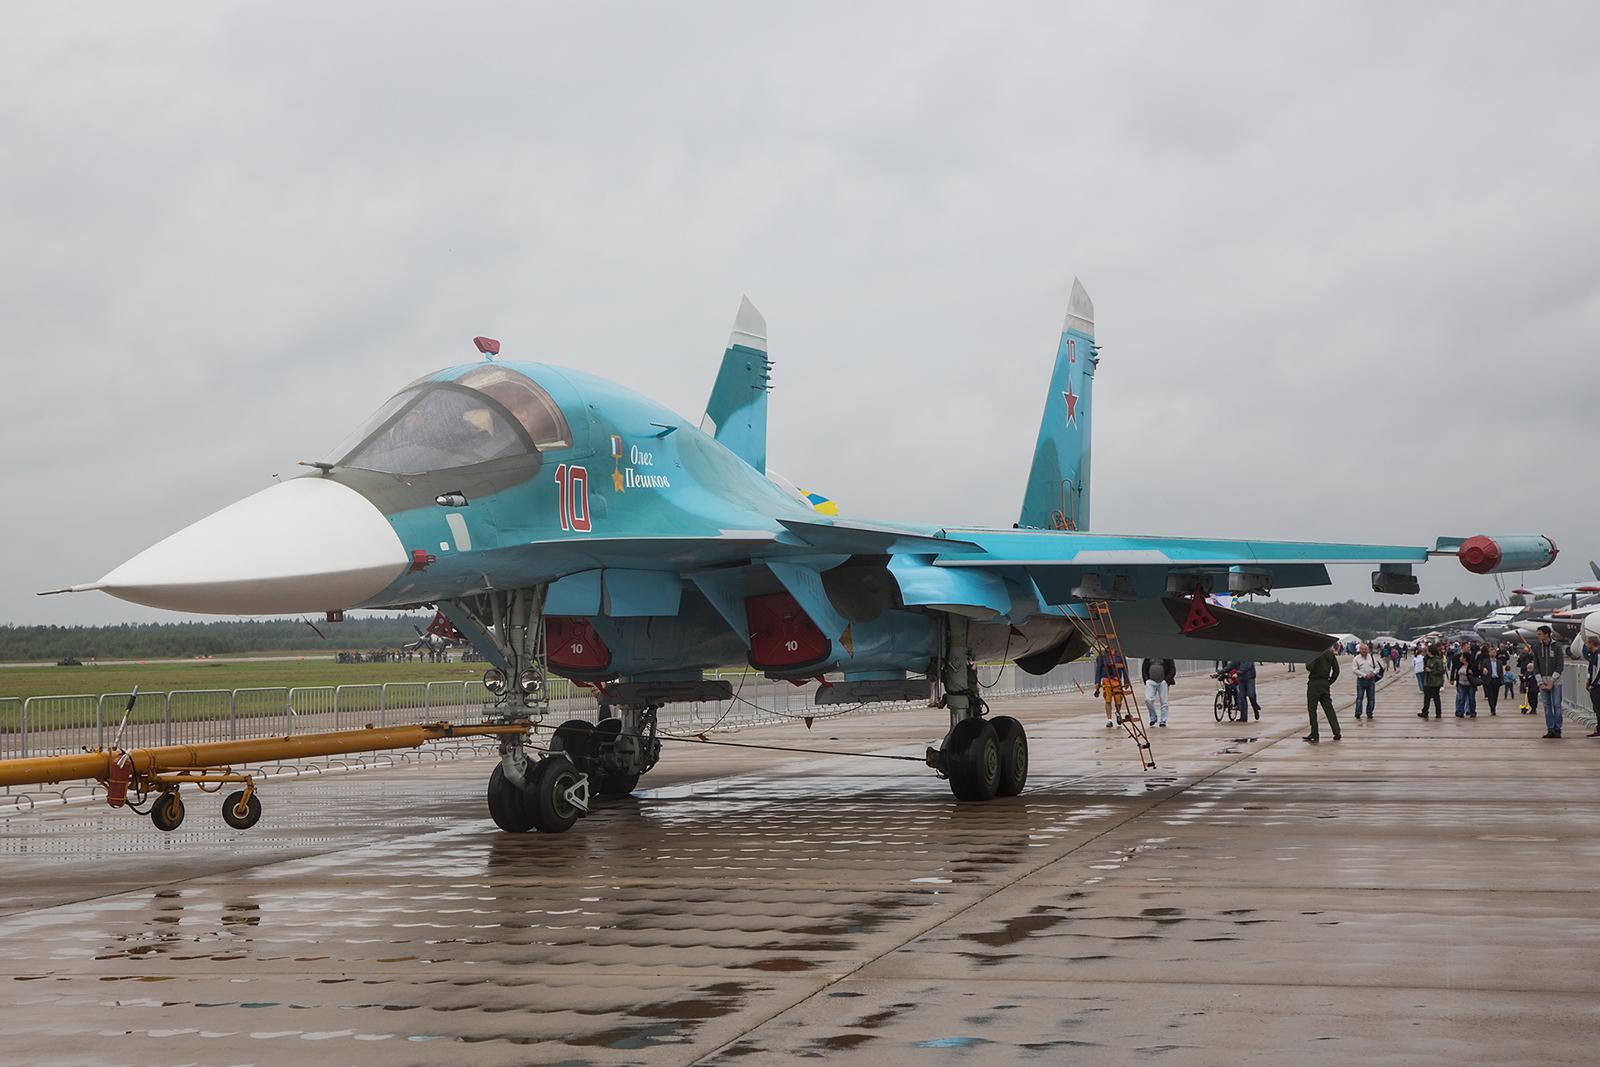 Für mich eines der schönsten Flugzeuge auf der Show, die Sukhoi Su-34.